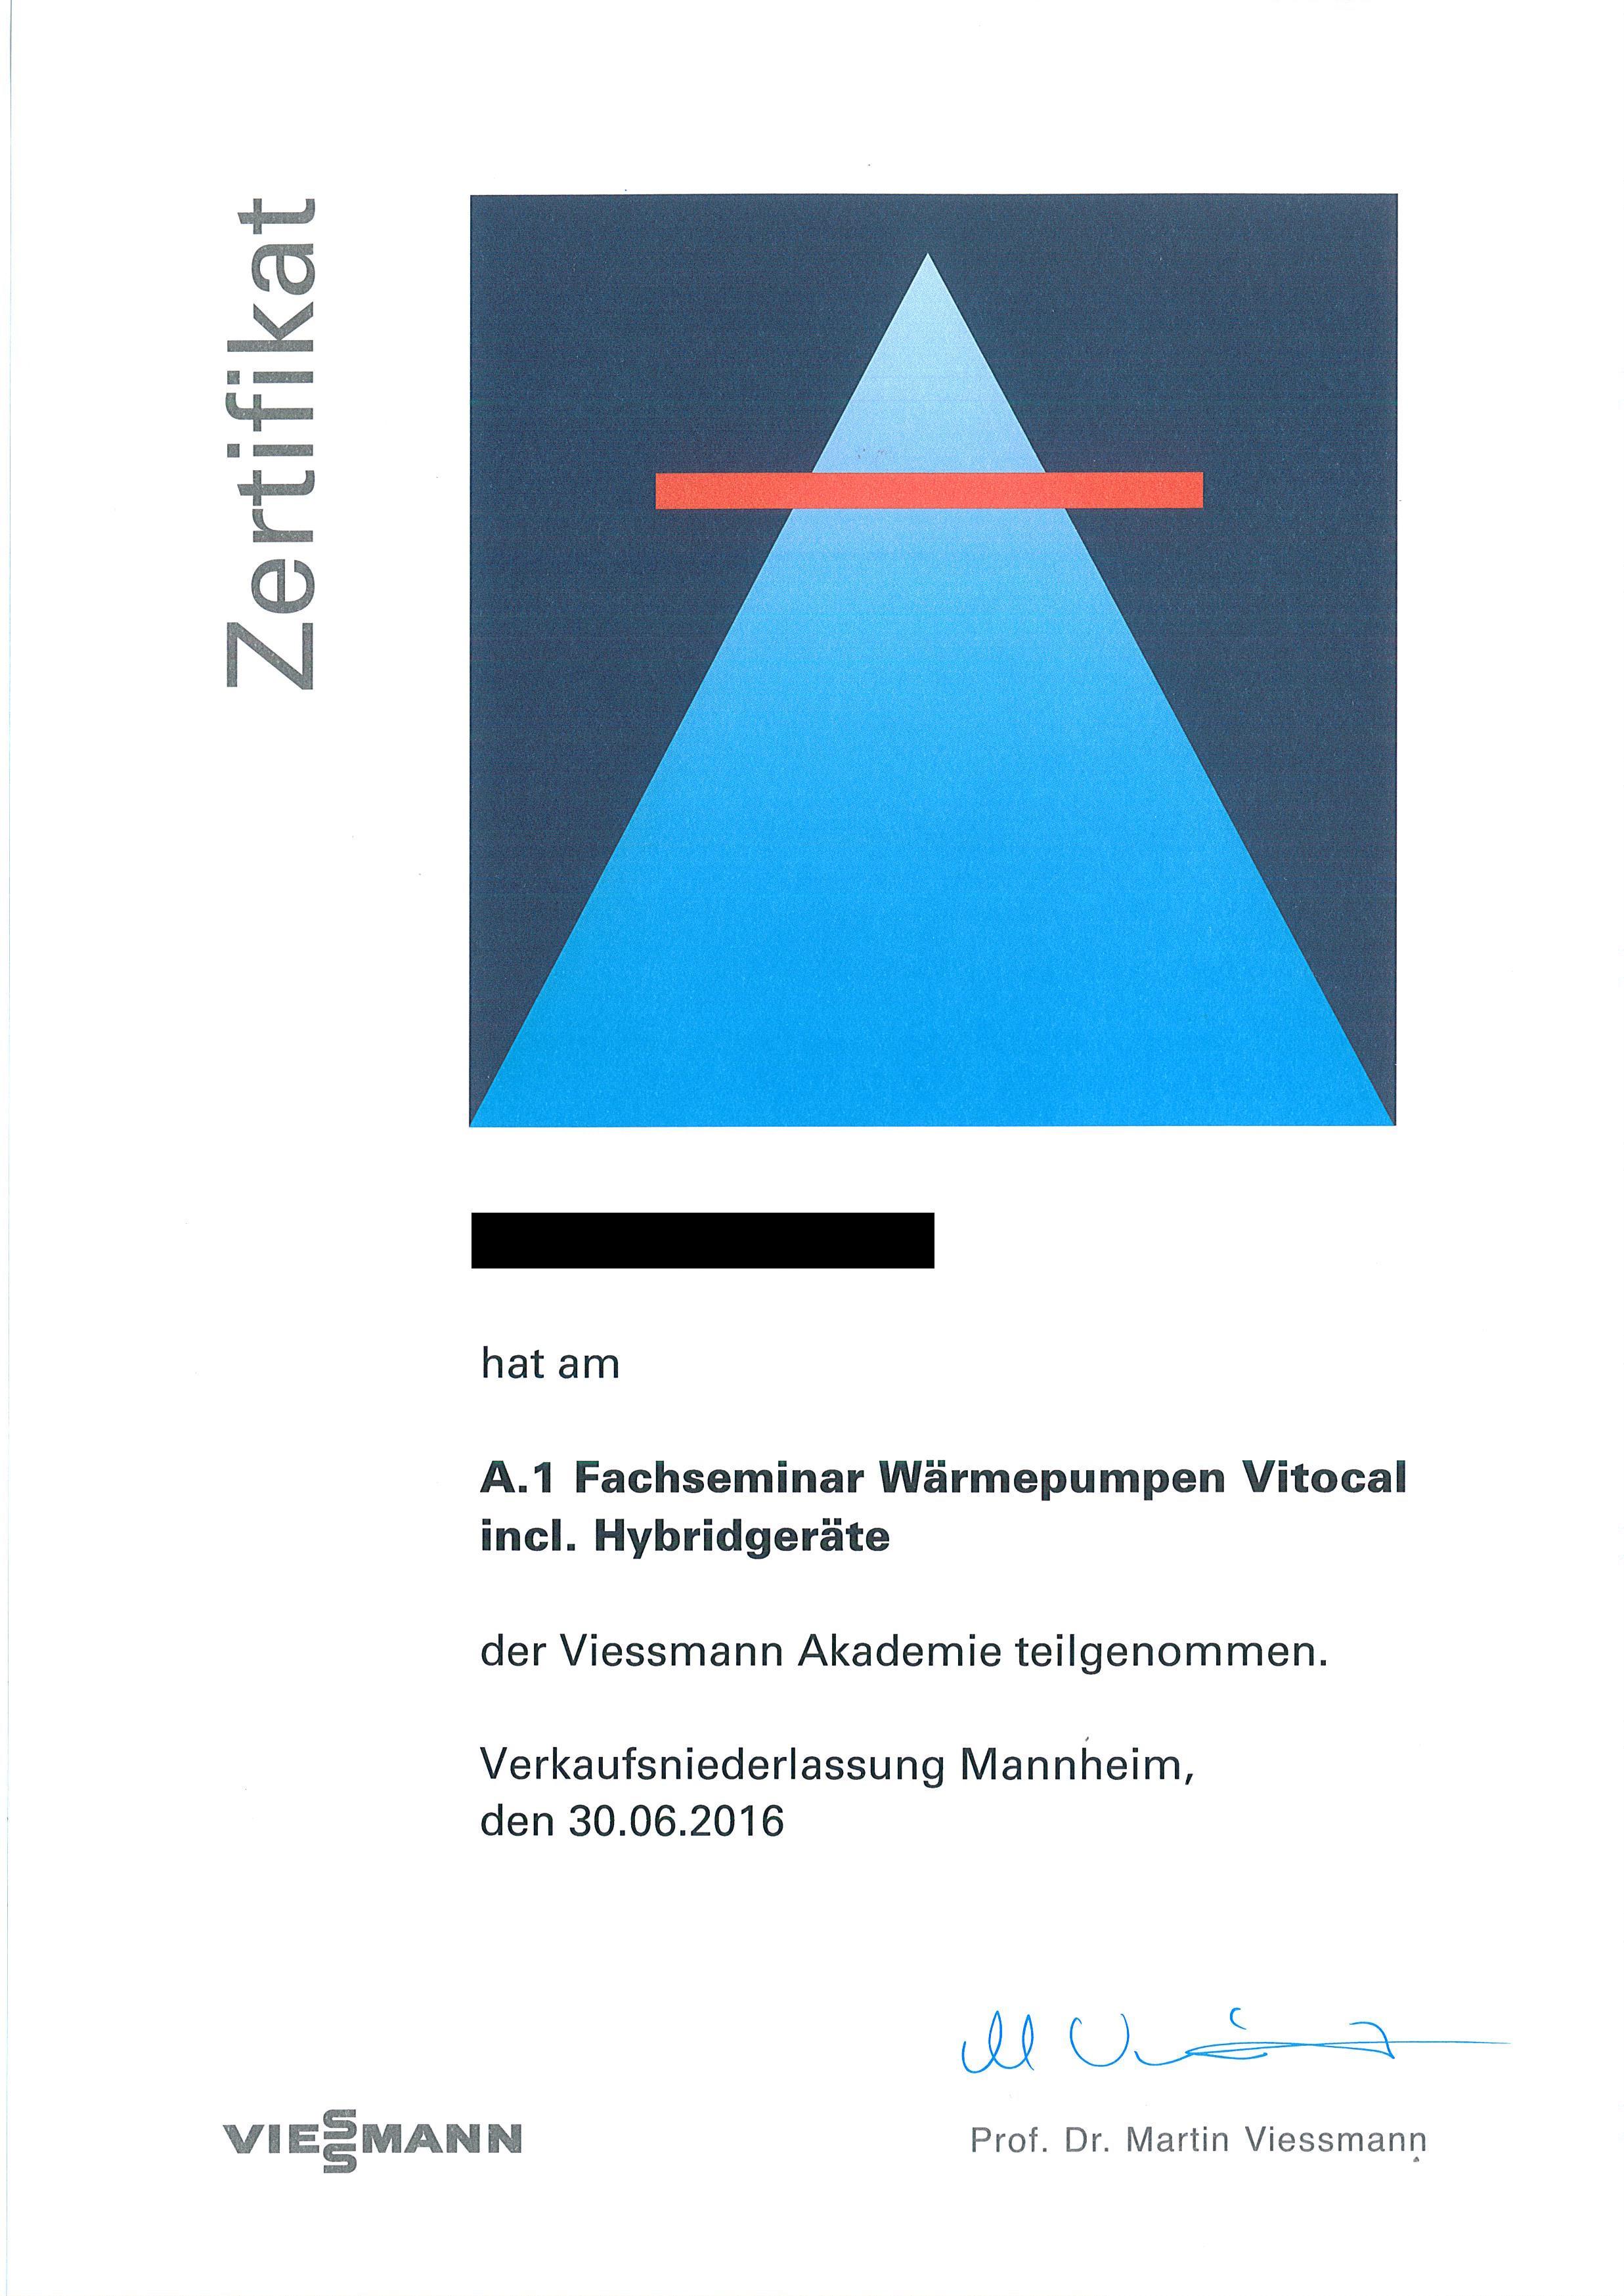 Fachseminar Wärmepumpen Vitocal incl. Hybridgeräte